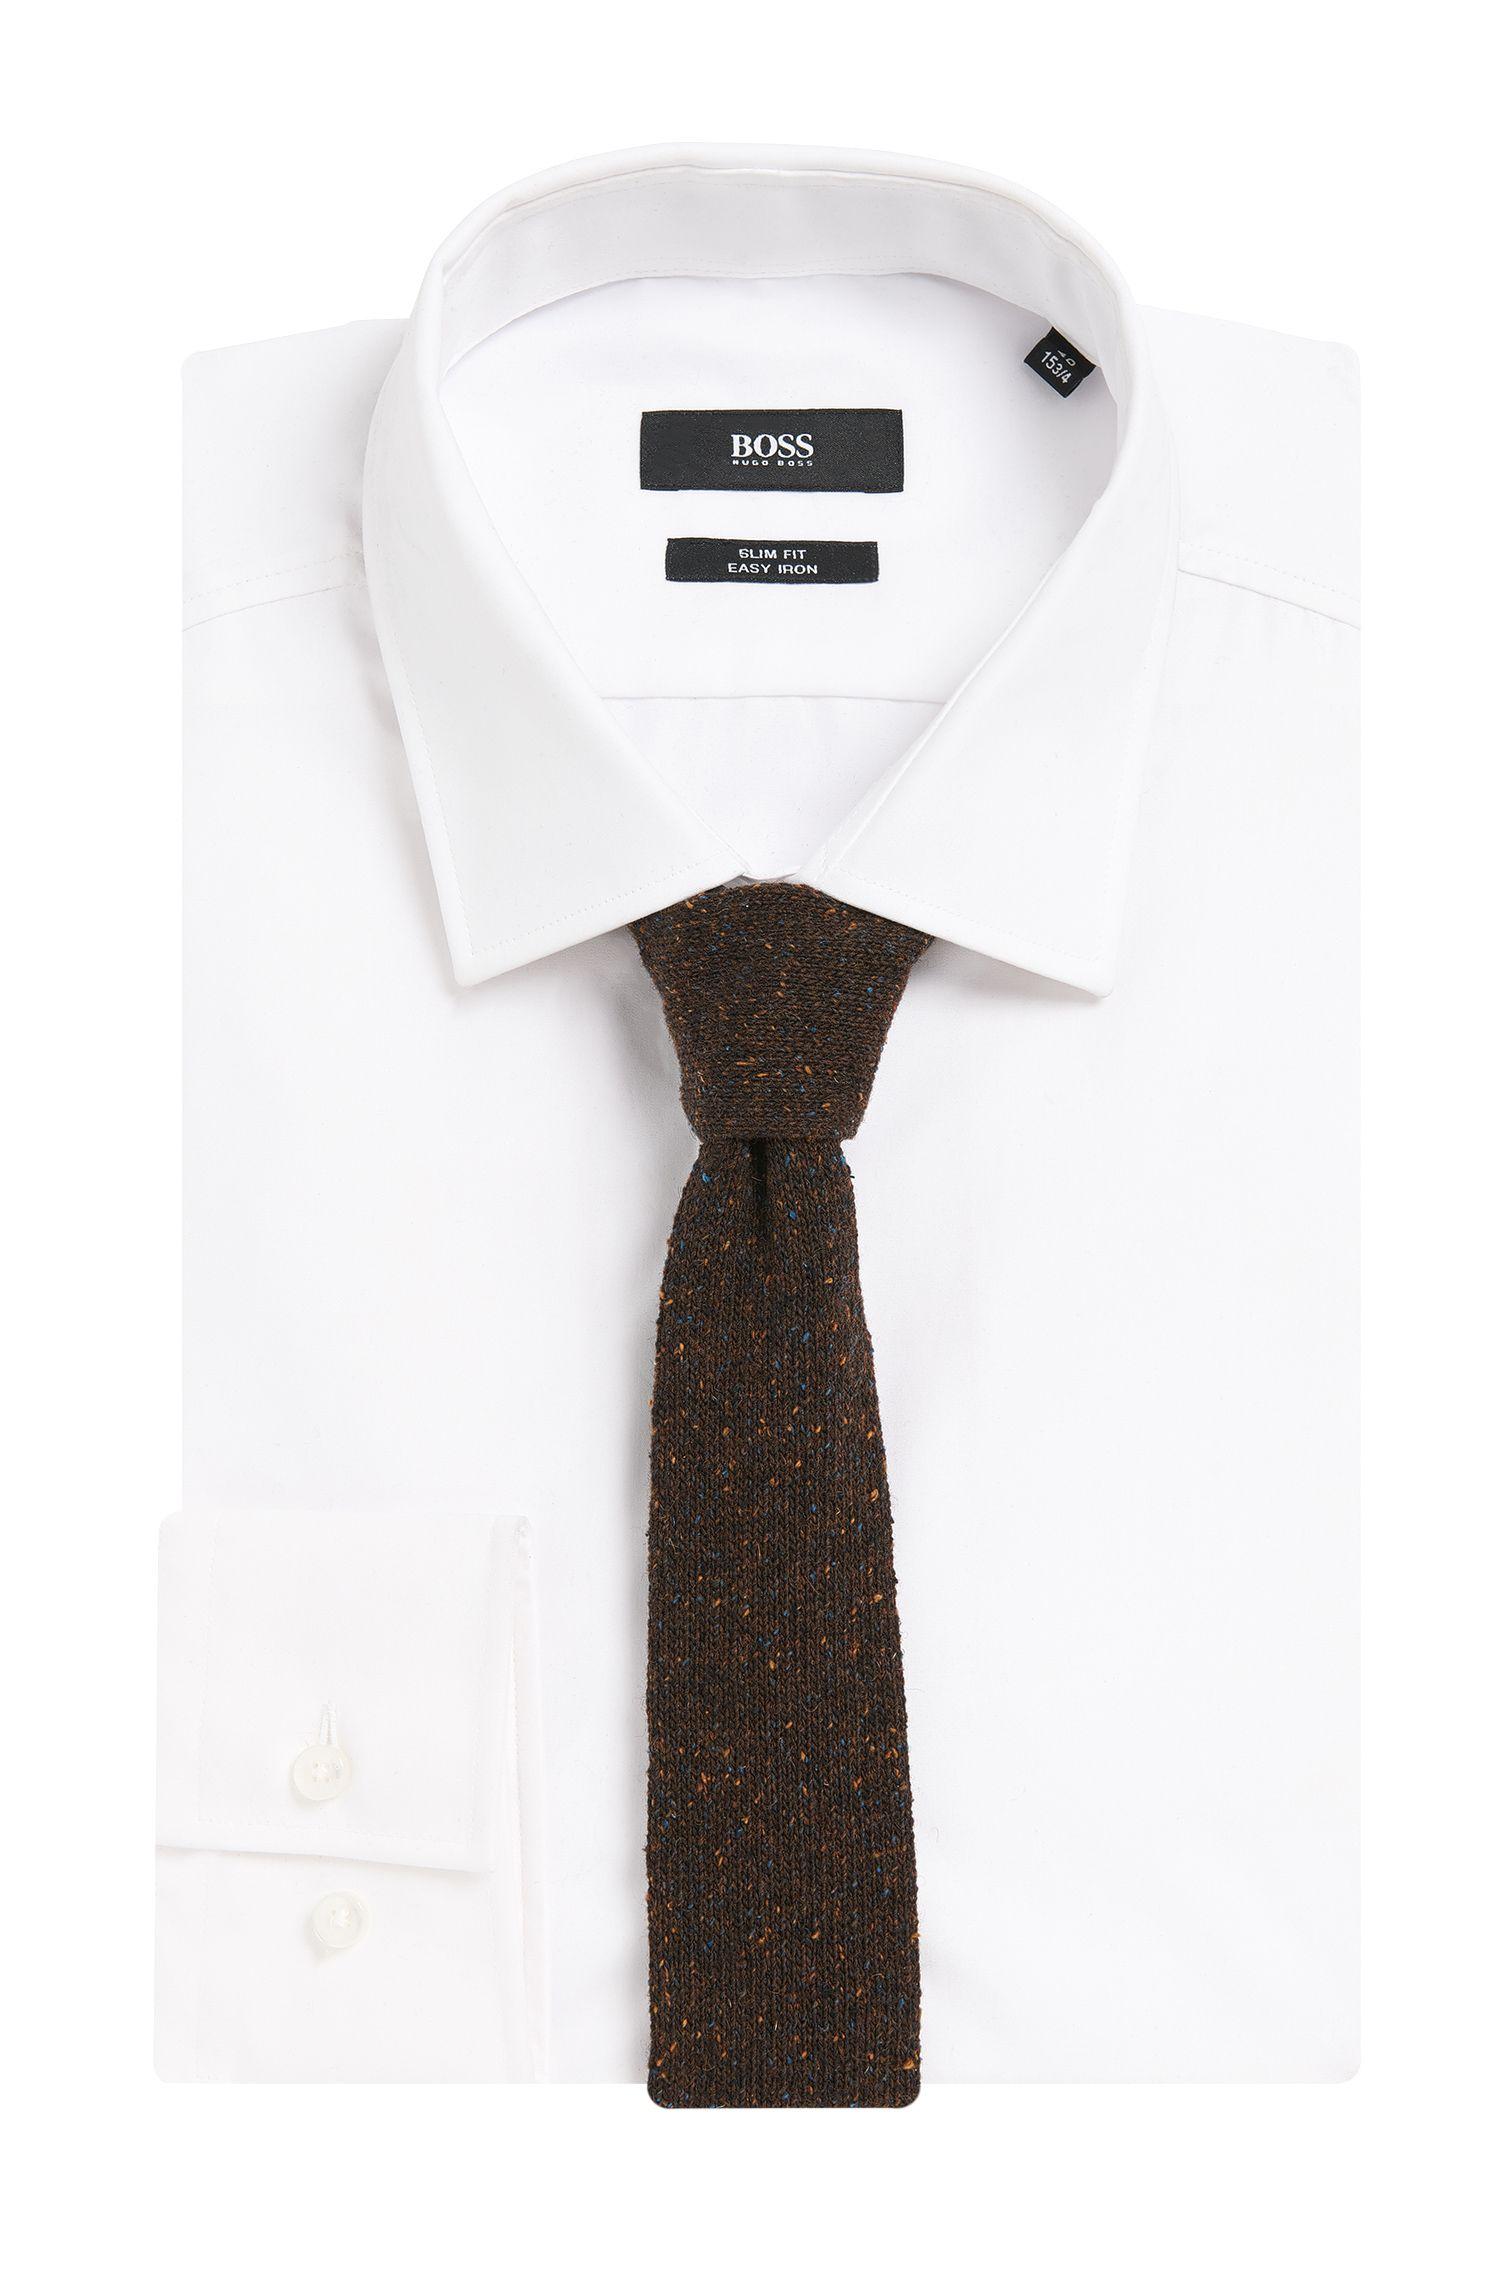 Krawatte aus Woll-Mix mit Seiden-Anteil in Strick-Qualität: 'Tie 5 cm knitted'